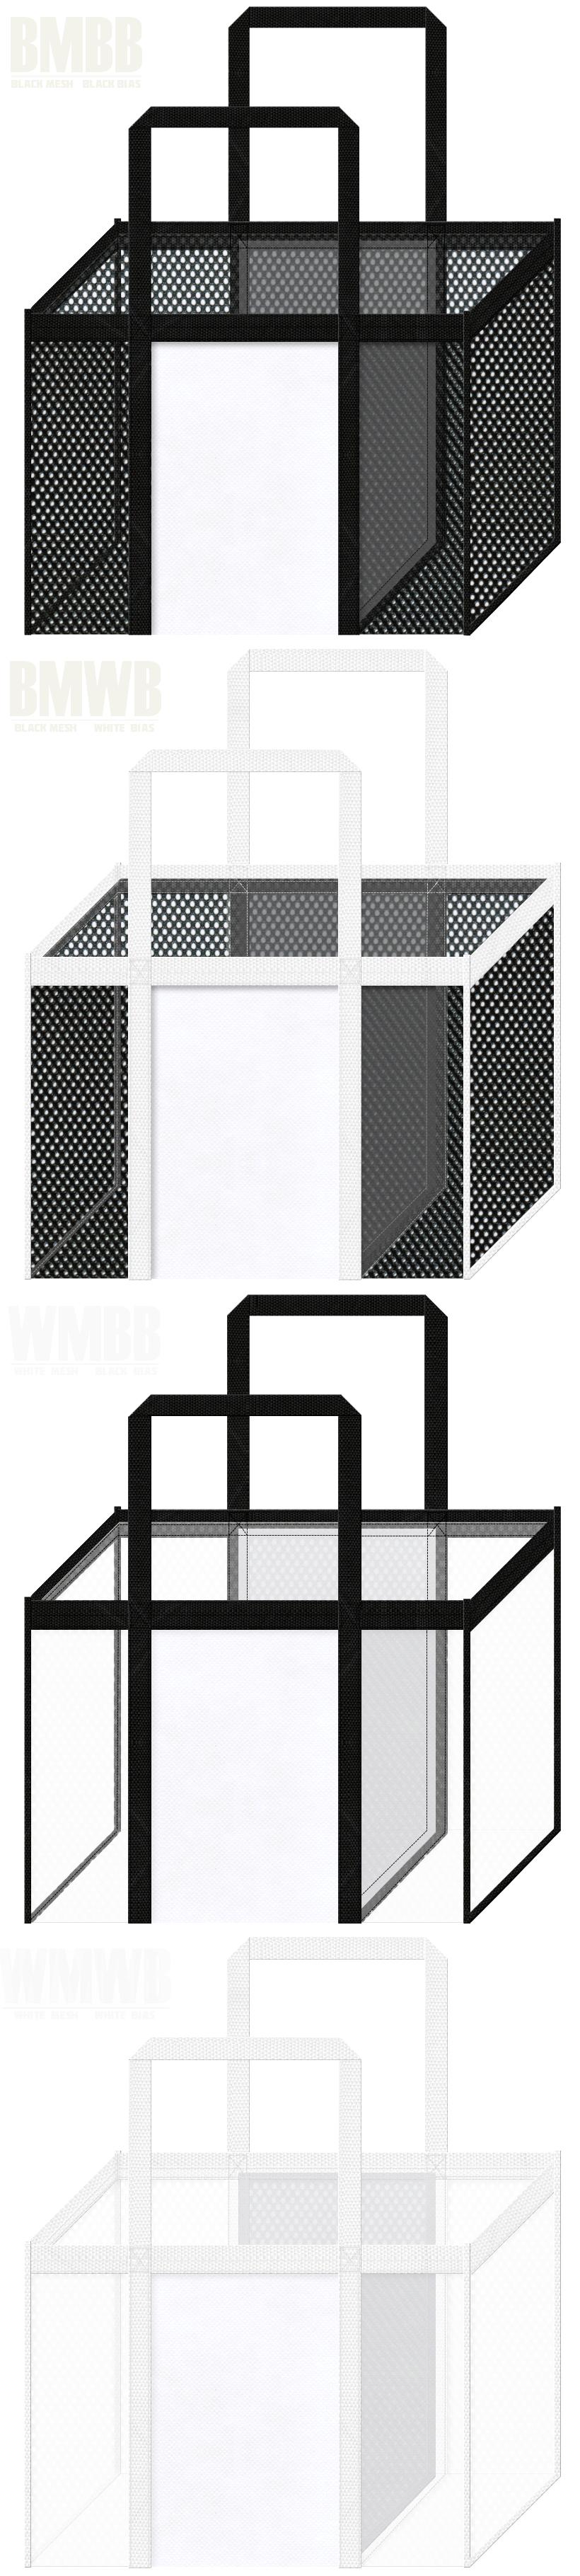 角型メッシュバッグのカラーシミュレーション:黒色・白色メッシュと白色不織布の組み合わせ